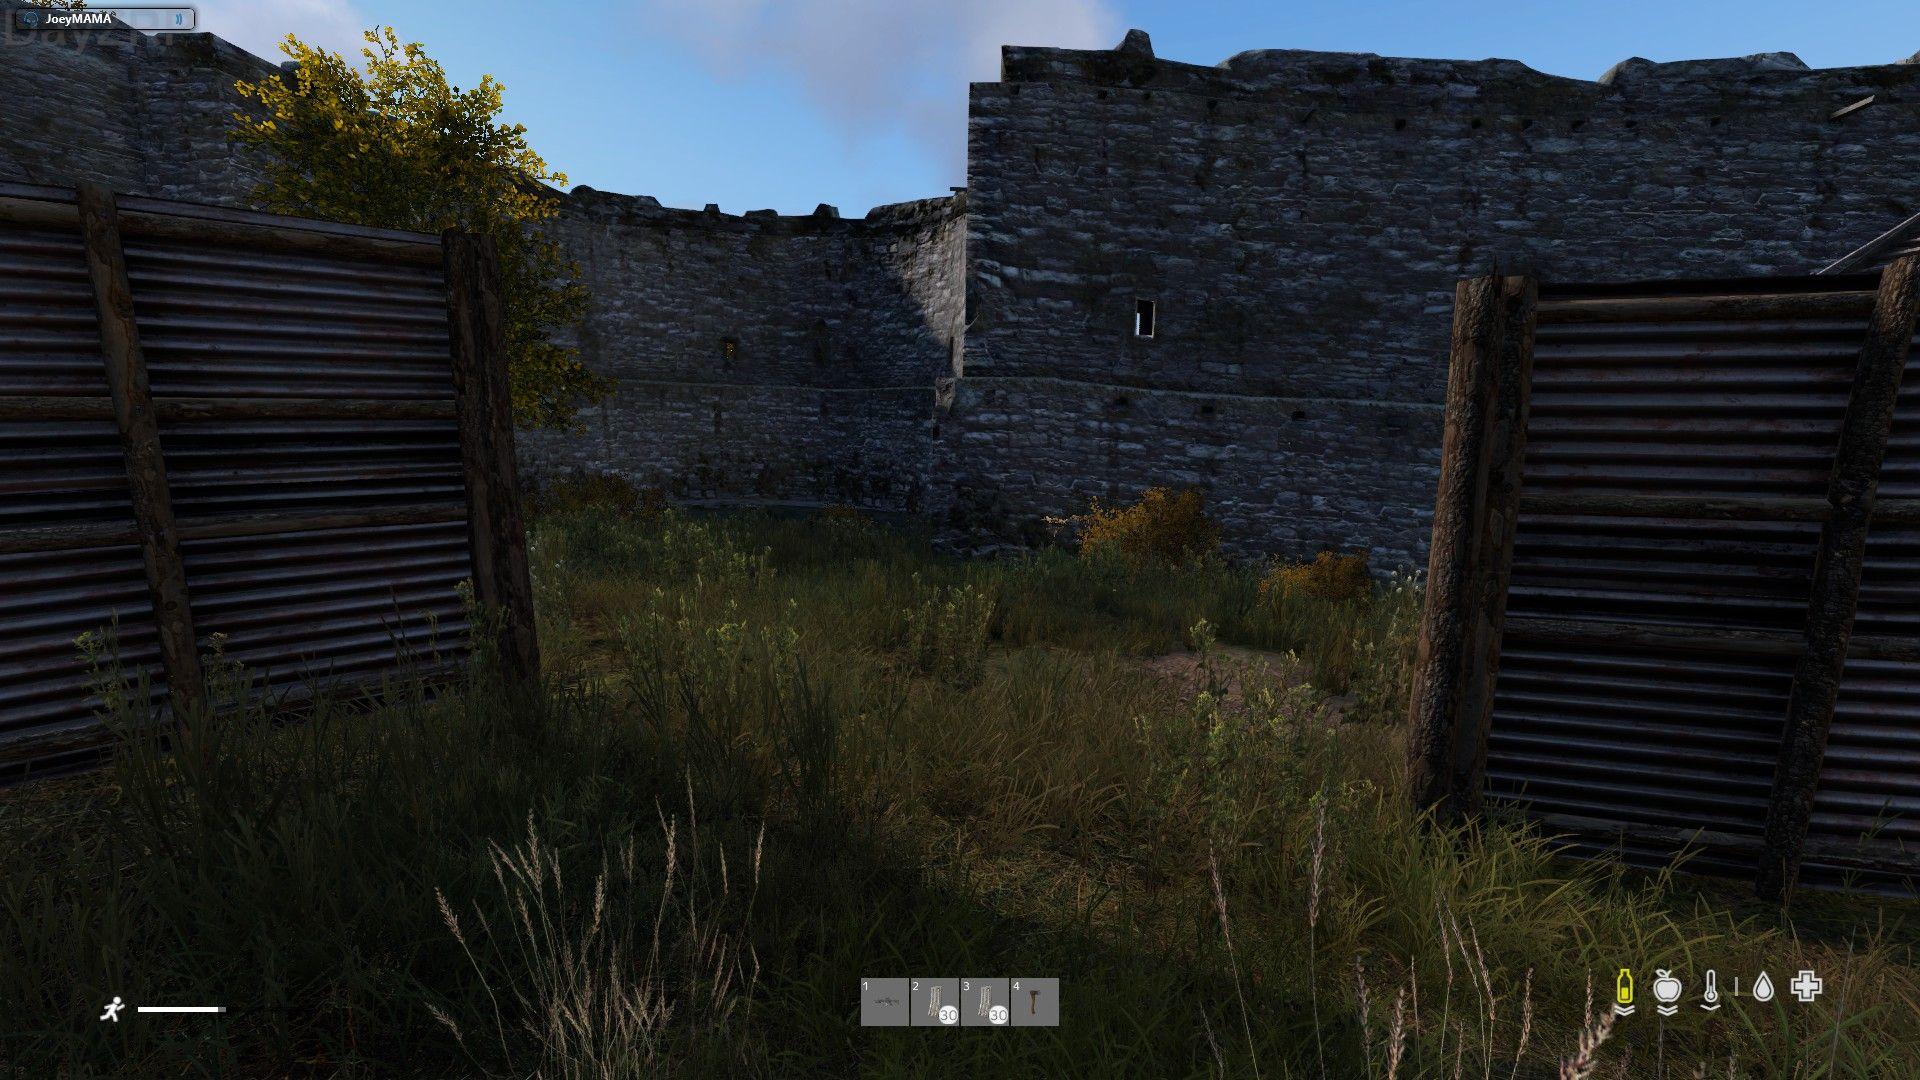 221100_screenshots_20190331133844_1.jpg